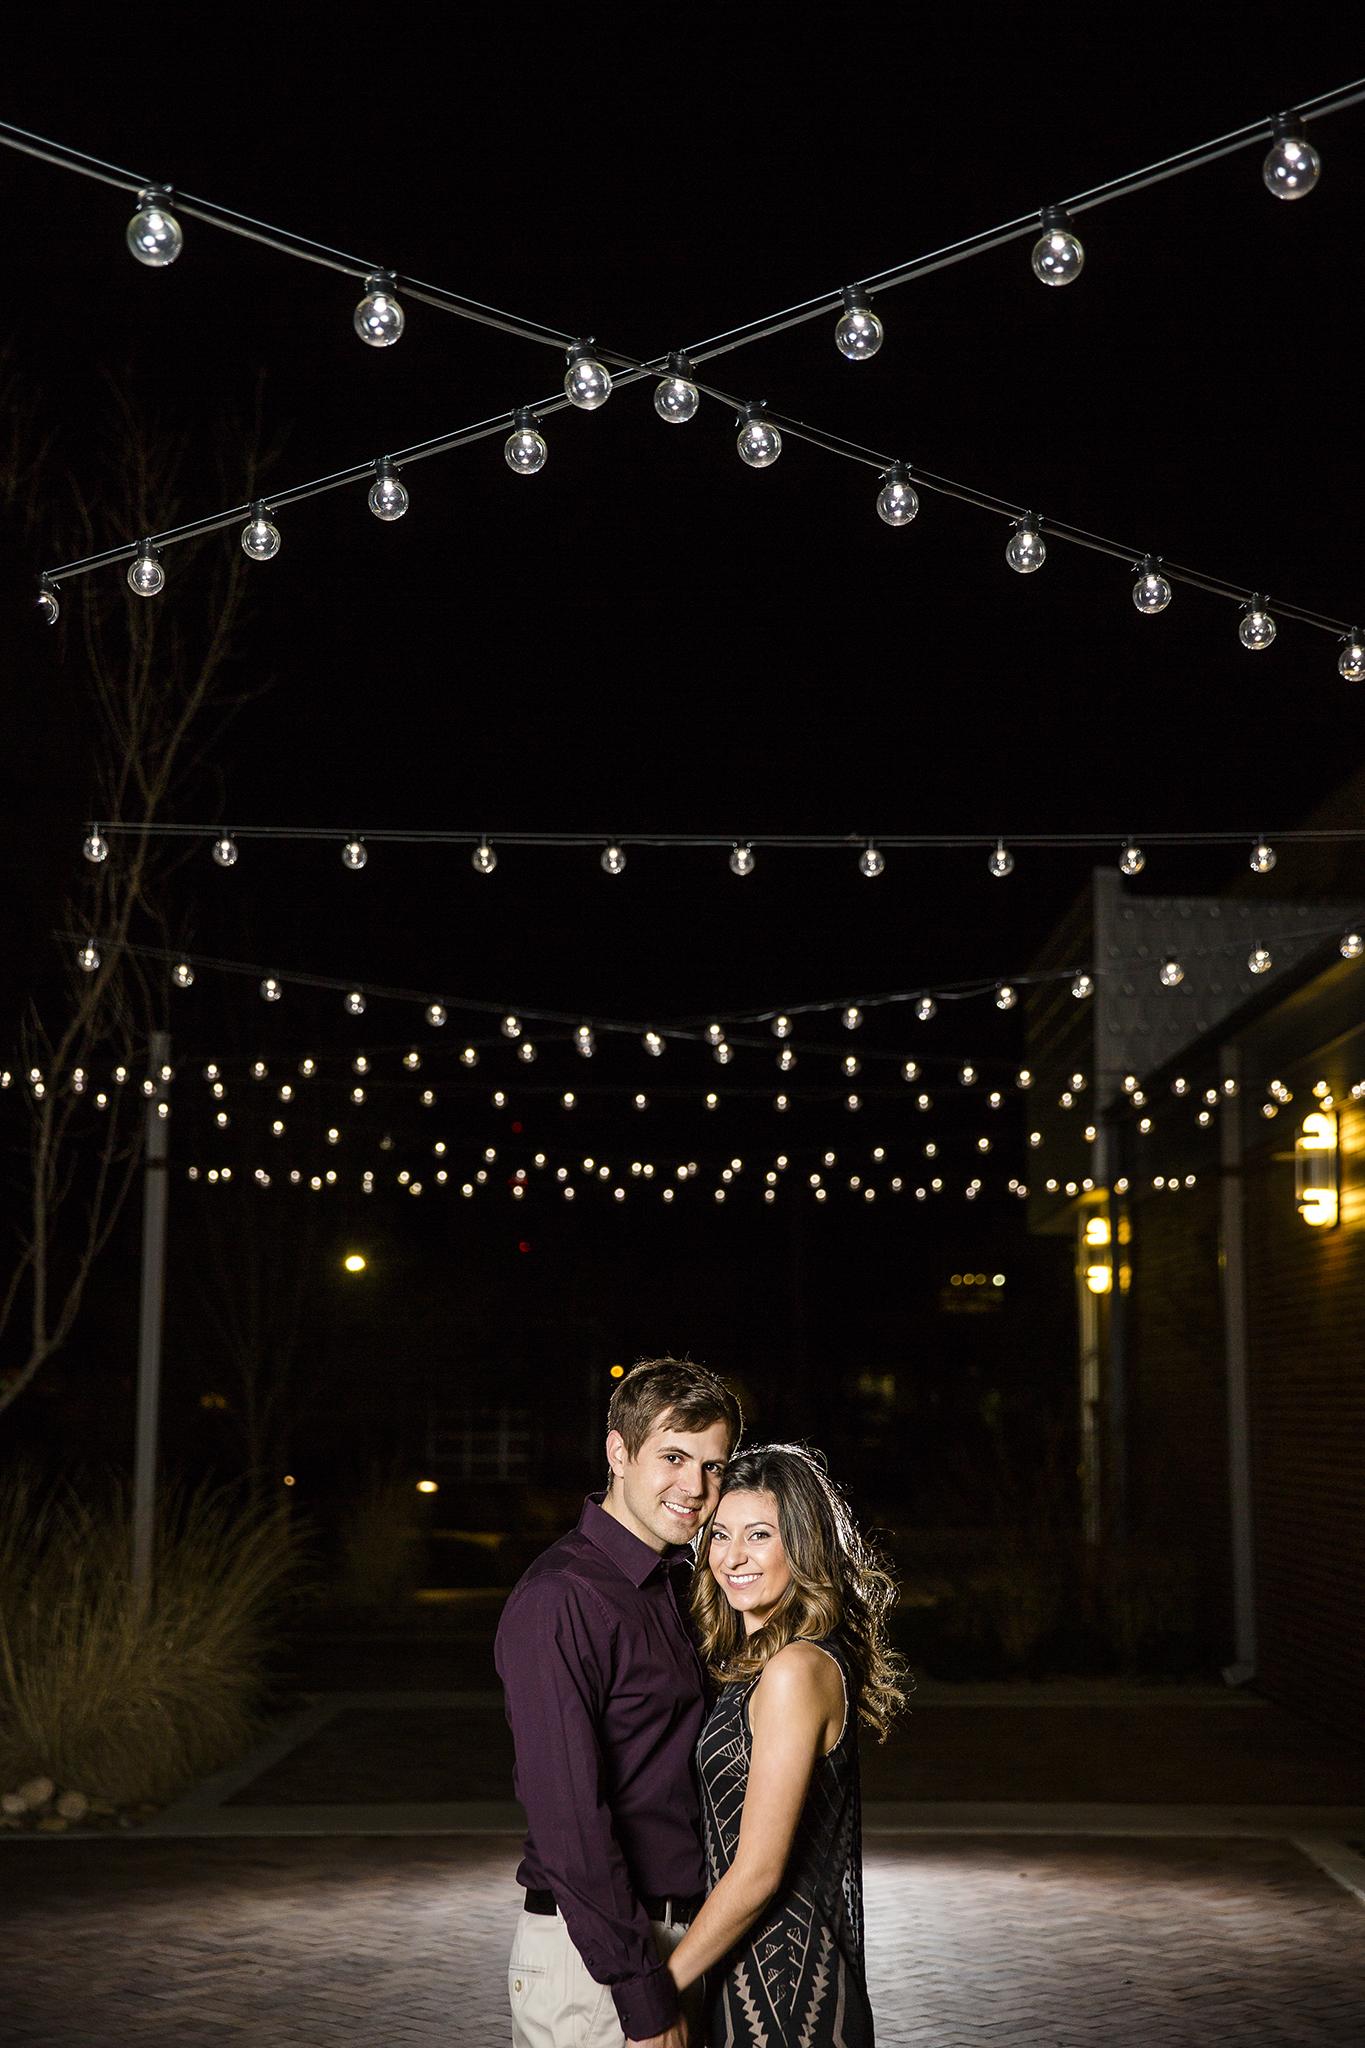 LHUCA building, bokeh, romantic engagement photos, cute couple